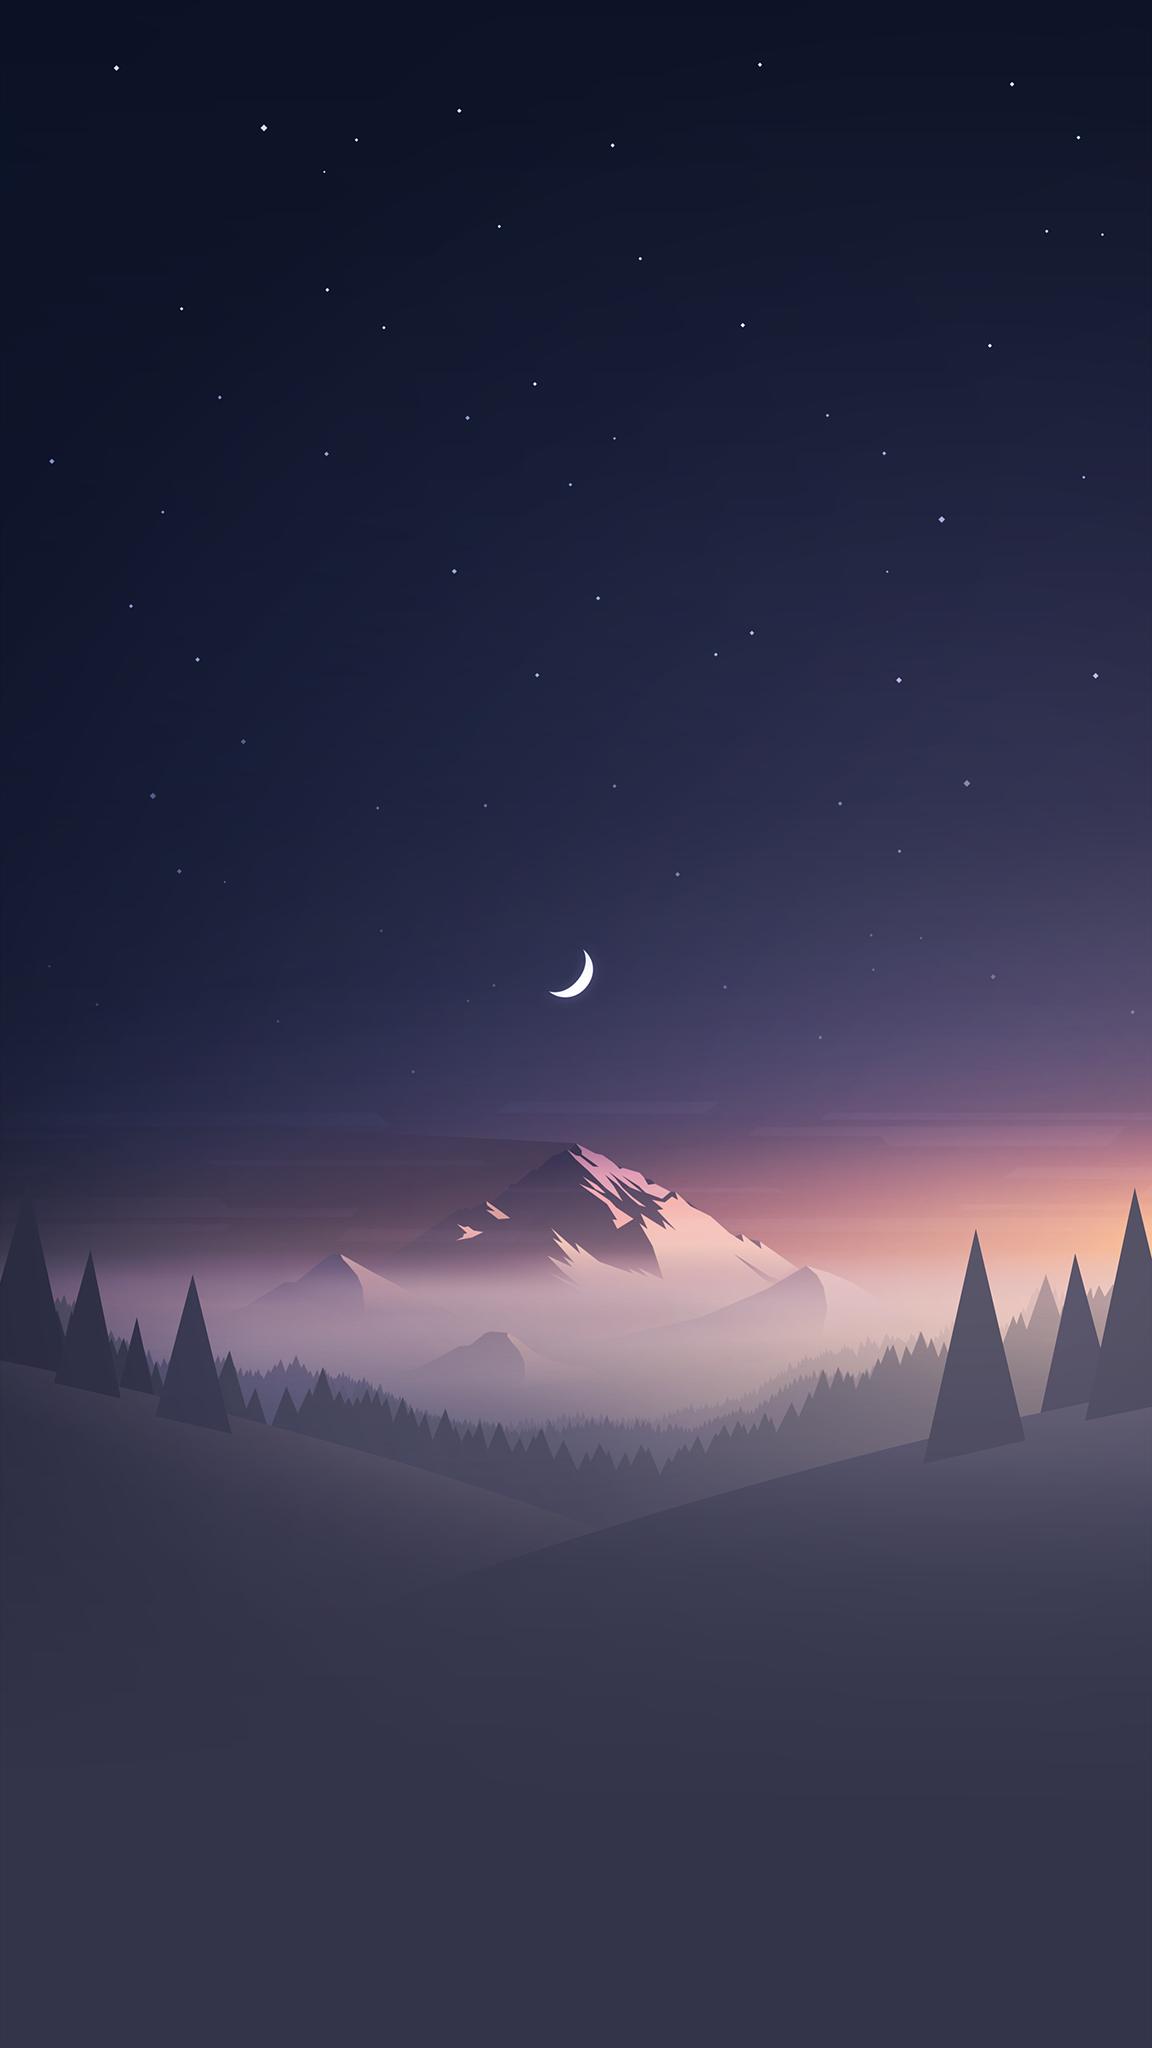 Mountain minimalist wallpaper